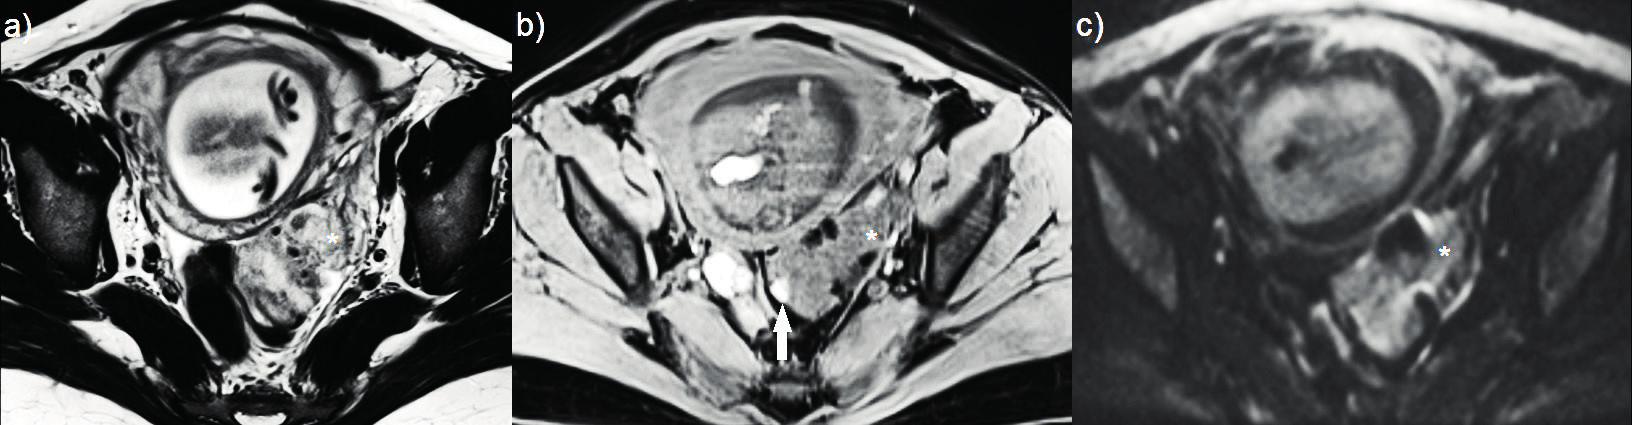 Zobrazení magnetickou rezonancí<br> (a–c) nodulus hluboké infiltrující endometriózy postihující sigmoideum, diagnostikovaný v graviditě se známkami decidualizace; (a) T2 vážený obraz – ložisko sníženého signálu s hyposignálními okrsky (hvězdička); (b) T1 vážený obraz s potlačením tuku – ložisko izosignální s endometriem v dutině děložní (hvězdička), hypersignální okrsek odpovídá přítomnosti rozpadových produktů hemoglobinu (šipka); (c) difuzně vážená sekvence – absence restrikce difuze uvnitř léze (hvězdička).